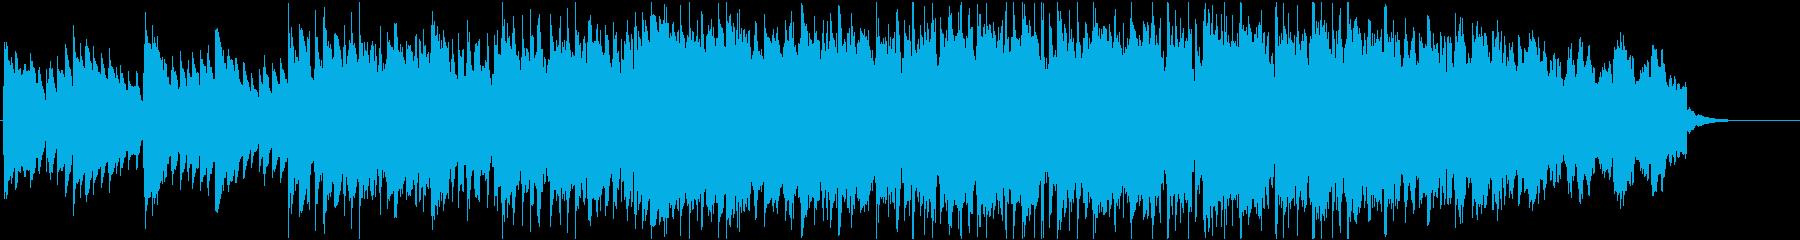 映像によく合うピアノが印象的なジングルの再生済みの波形